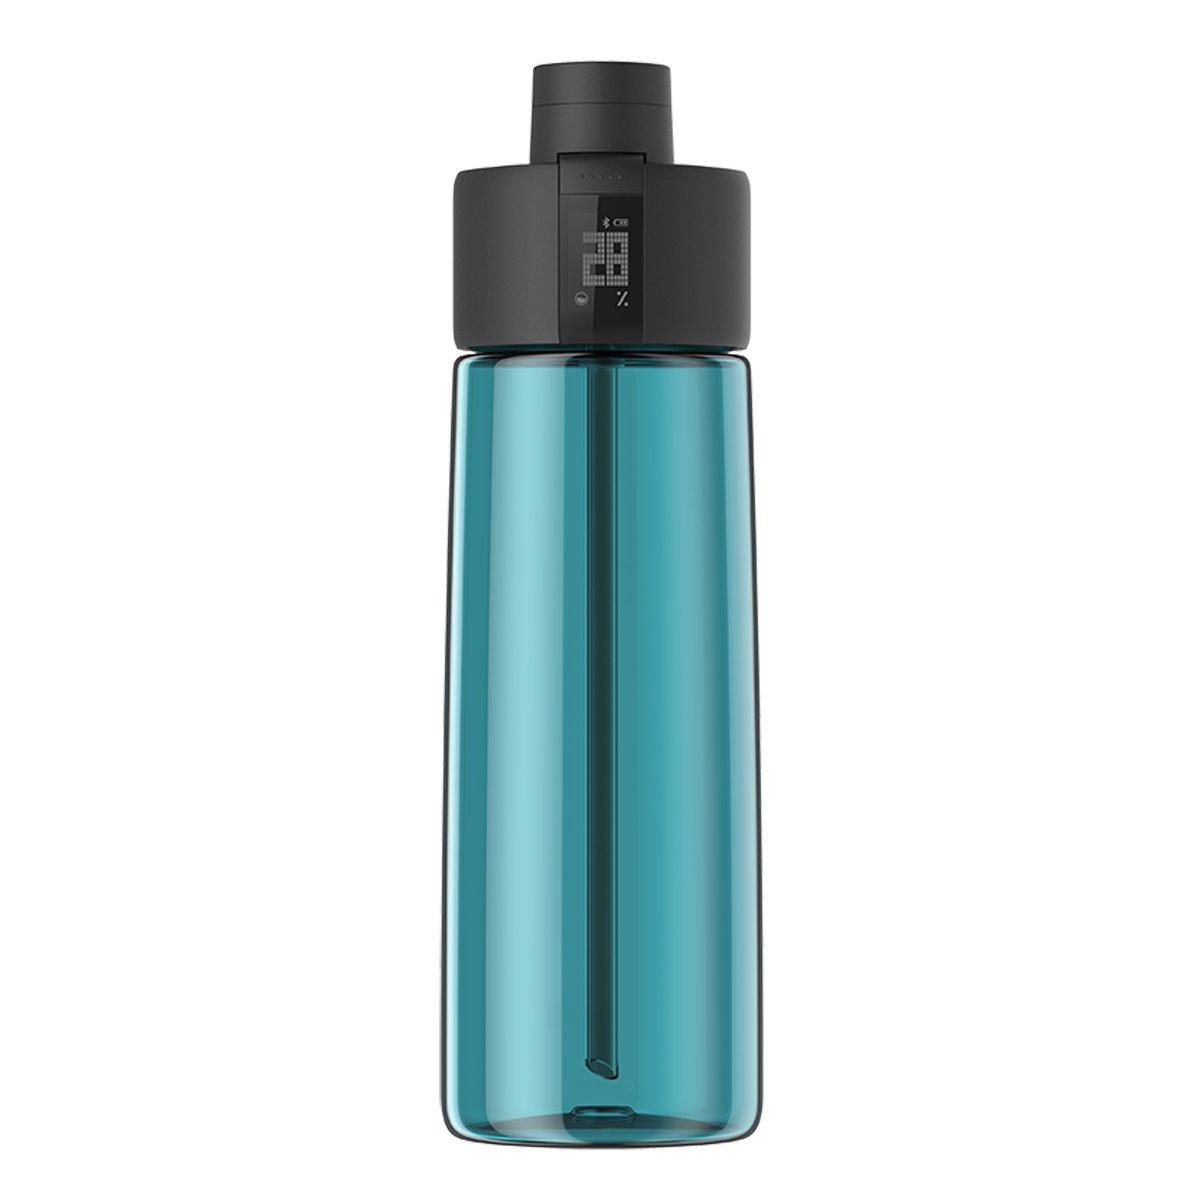 TechComm Bocombi Smart Water Bottle Zephair Hydration Tracking Smart Straw